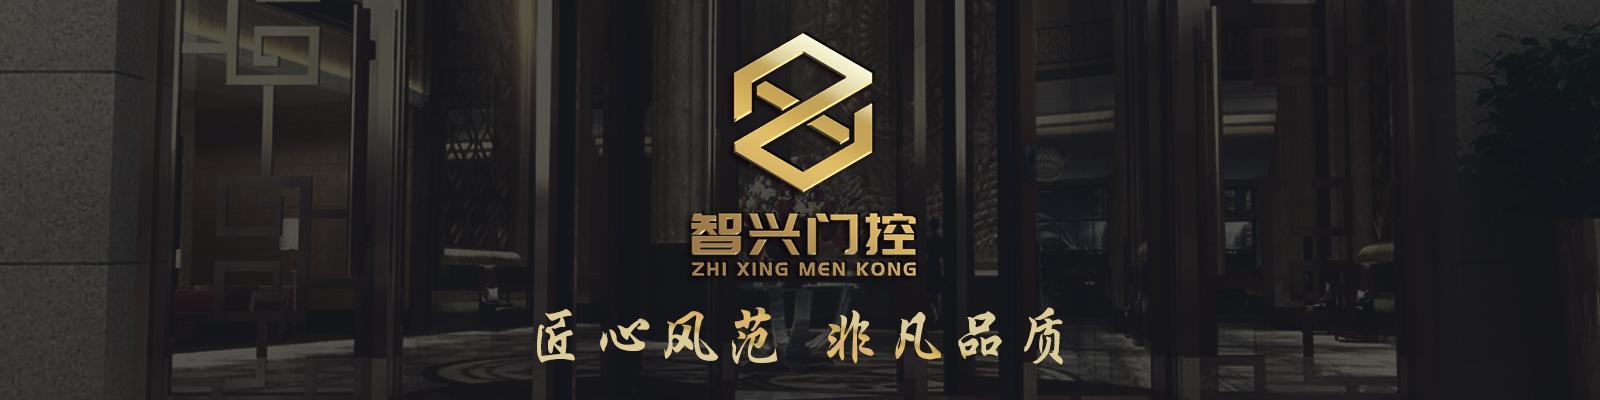 深圳市智兴门控科技有限公司